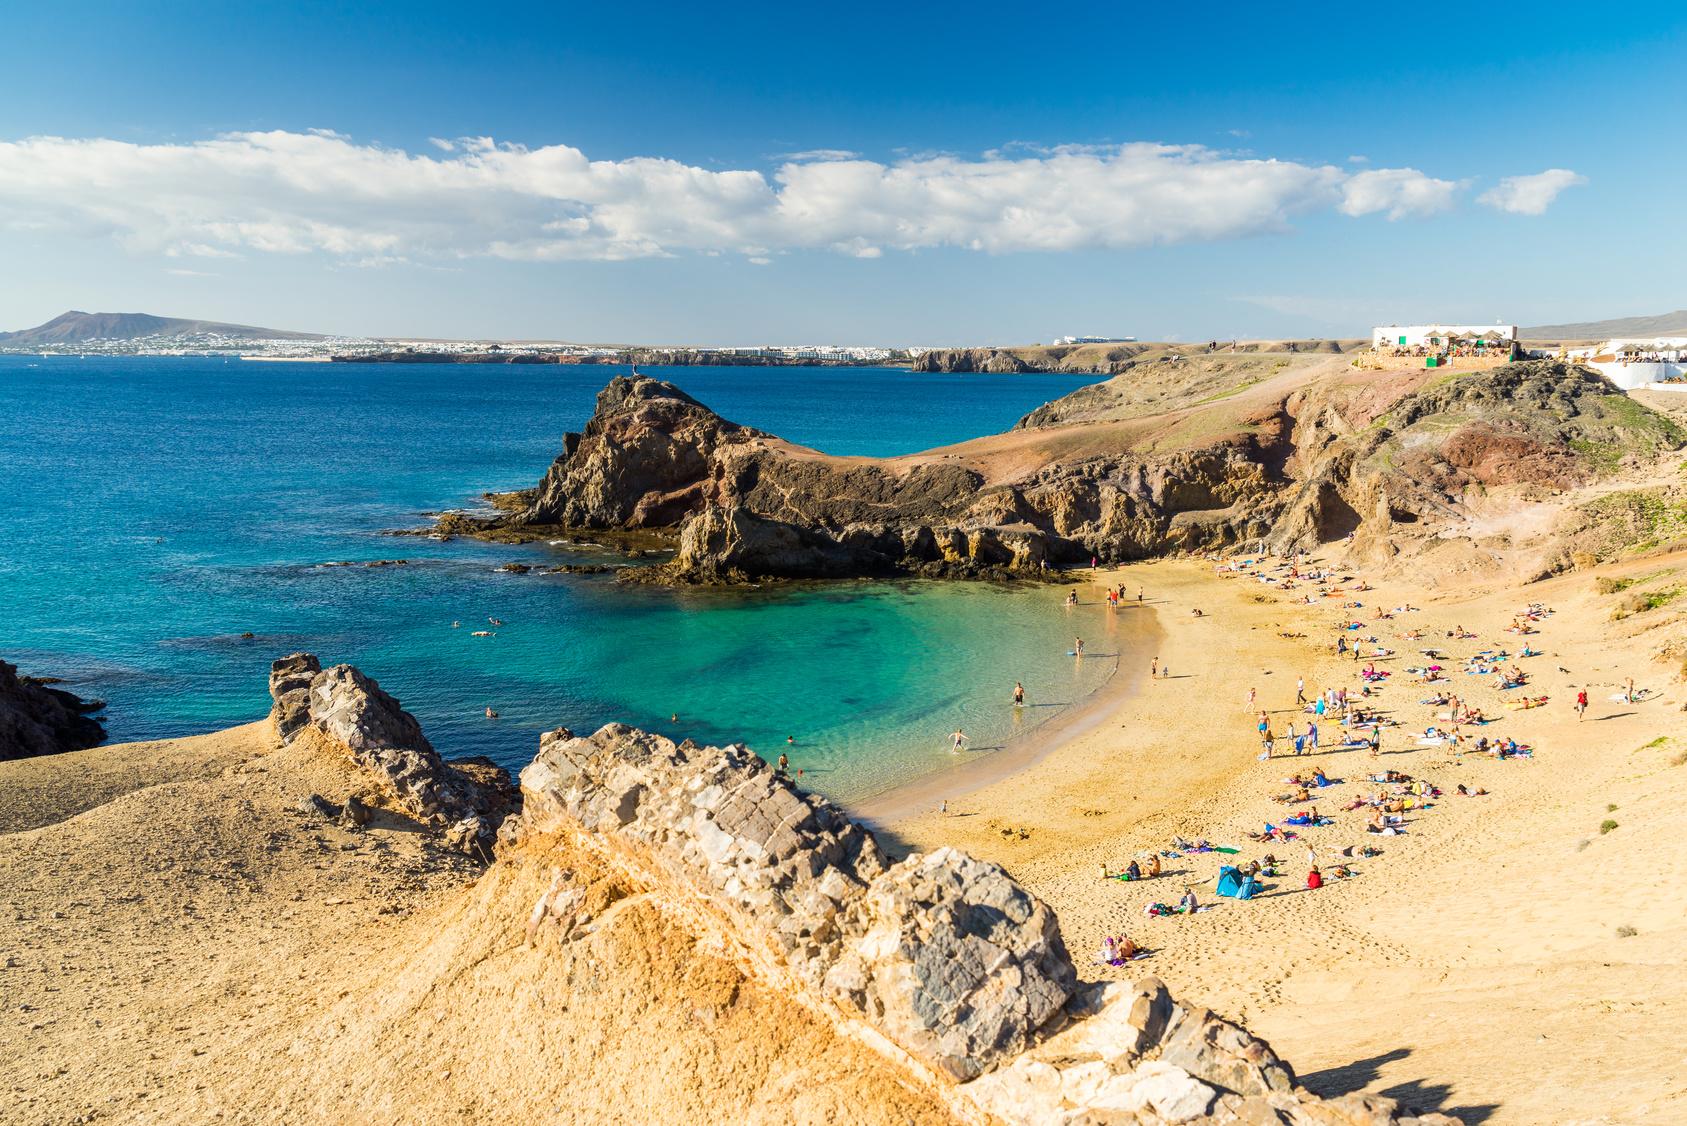 Wczasy na Lanzarote - sprawdź!